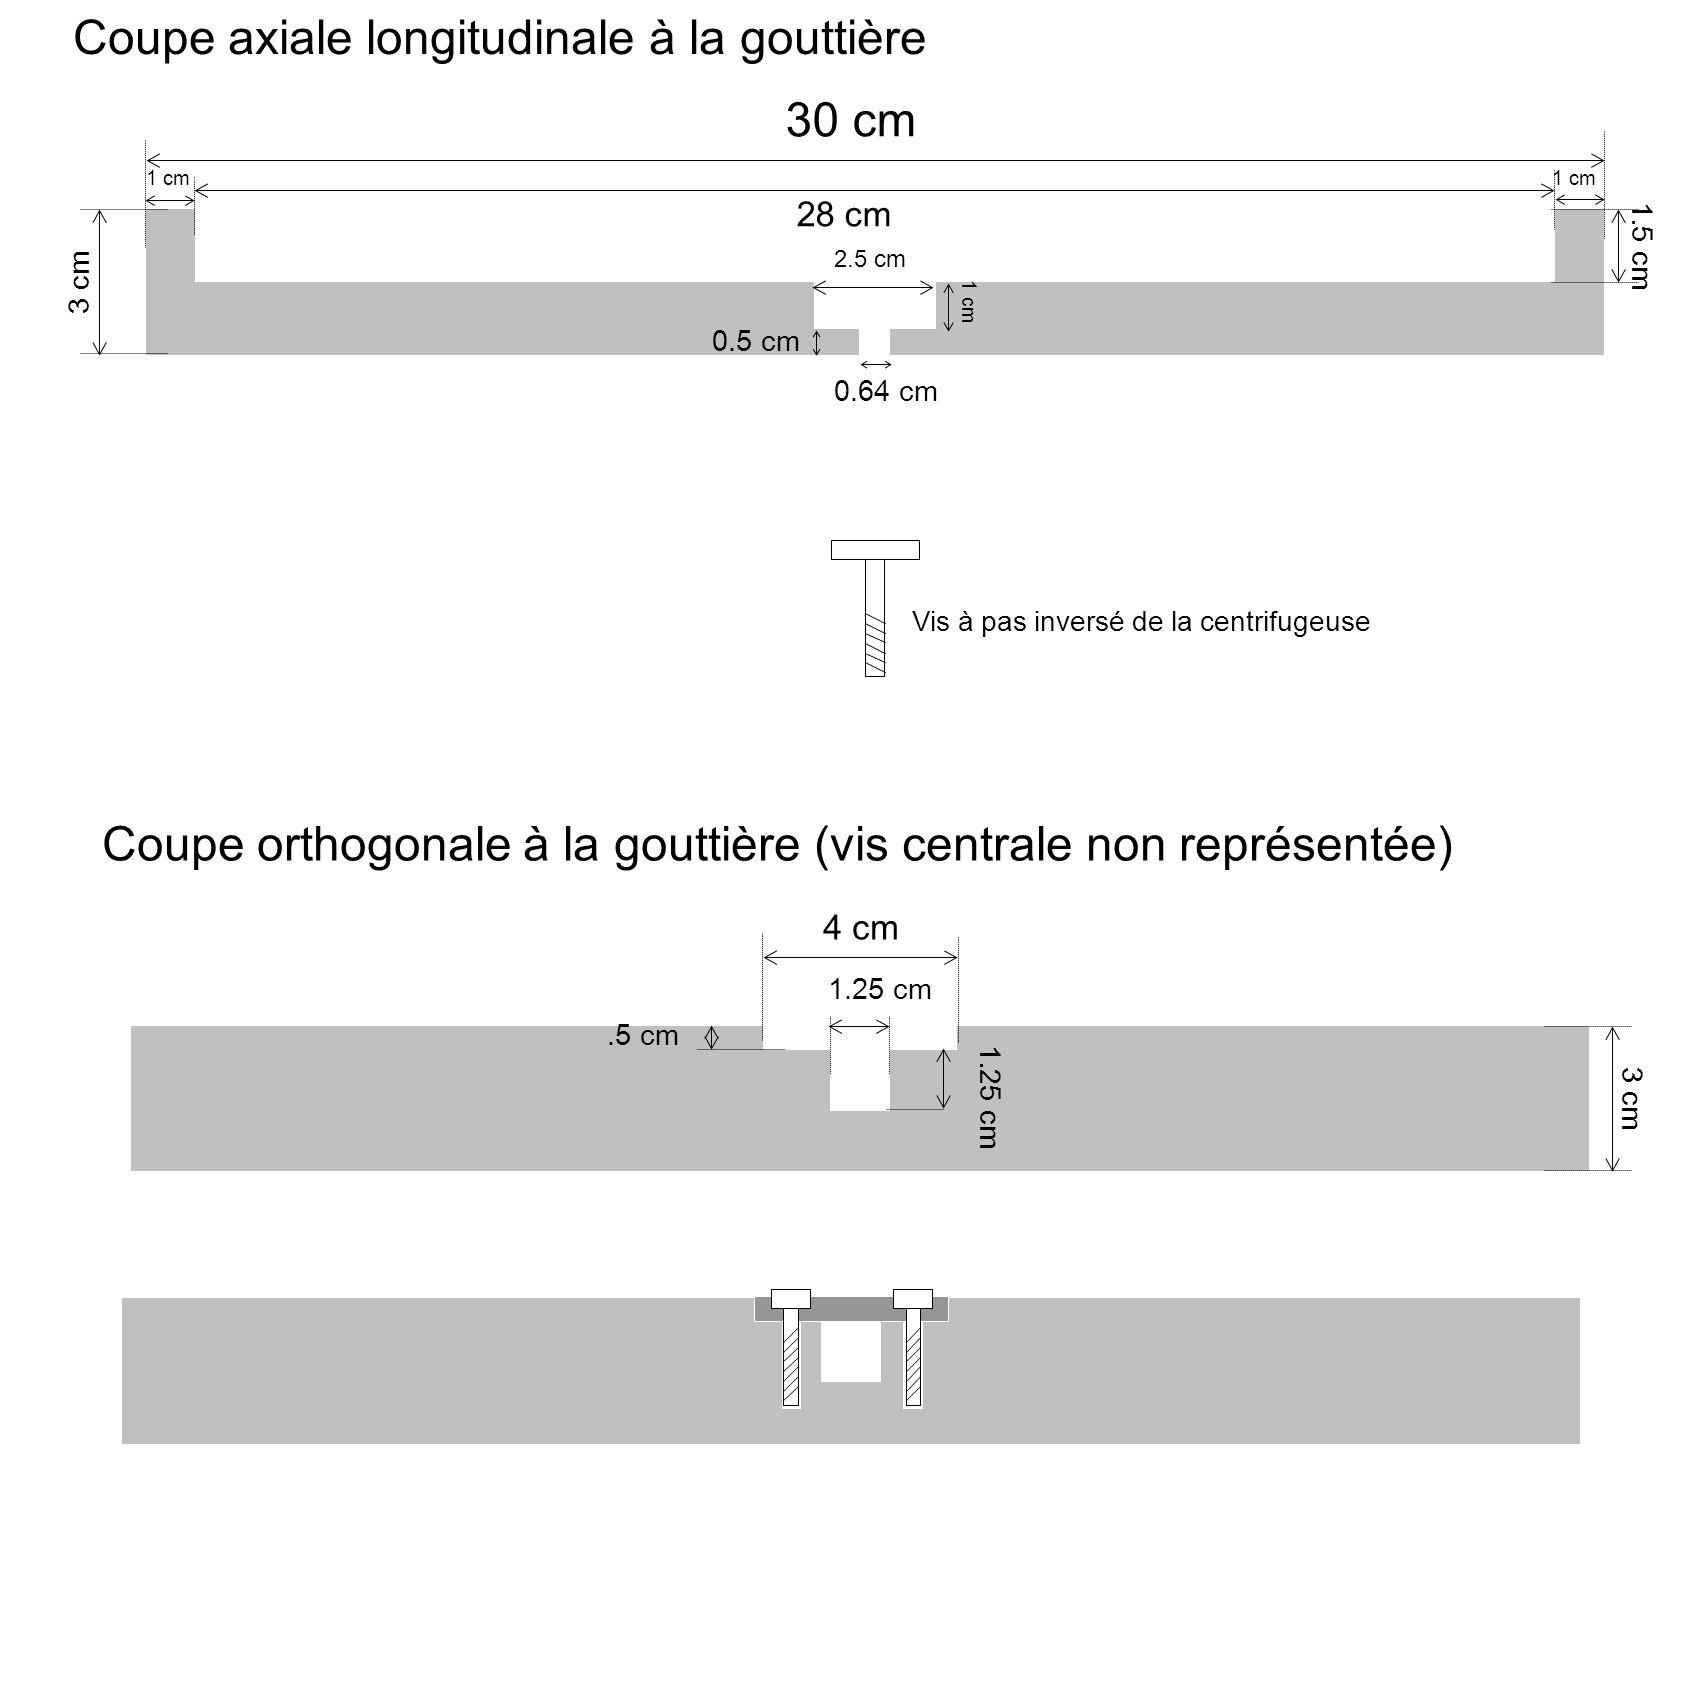 30 cm 28 cm 4 cm 1.25 cm 1.5 cm.5 cm 1.25 cm 3 cm Coupe axiale longitudinale à la gouttière Coupe orthogonale à la gouttière (vis centrale non représe